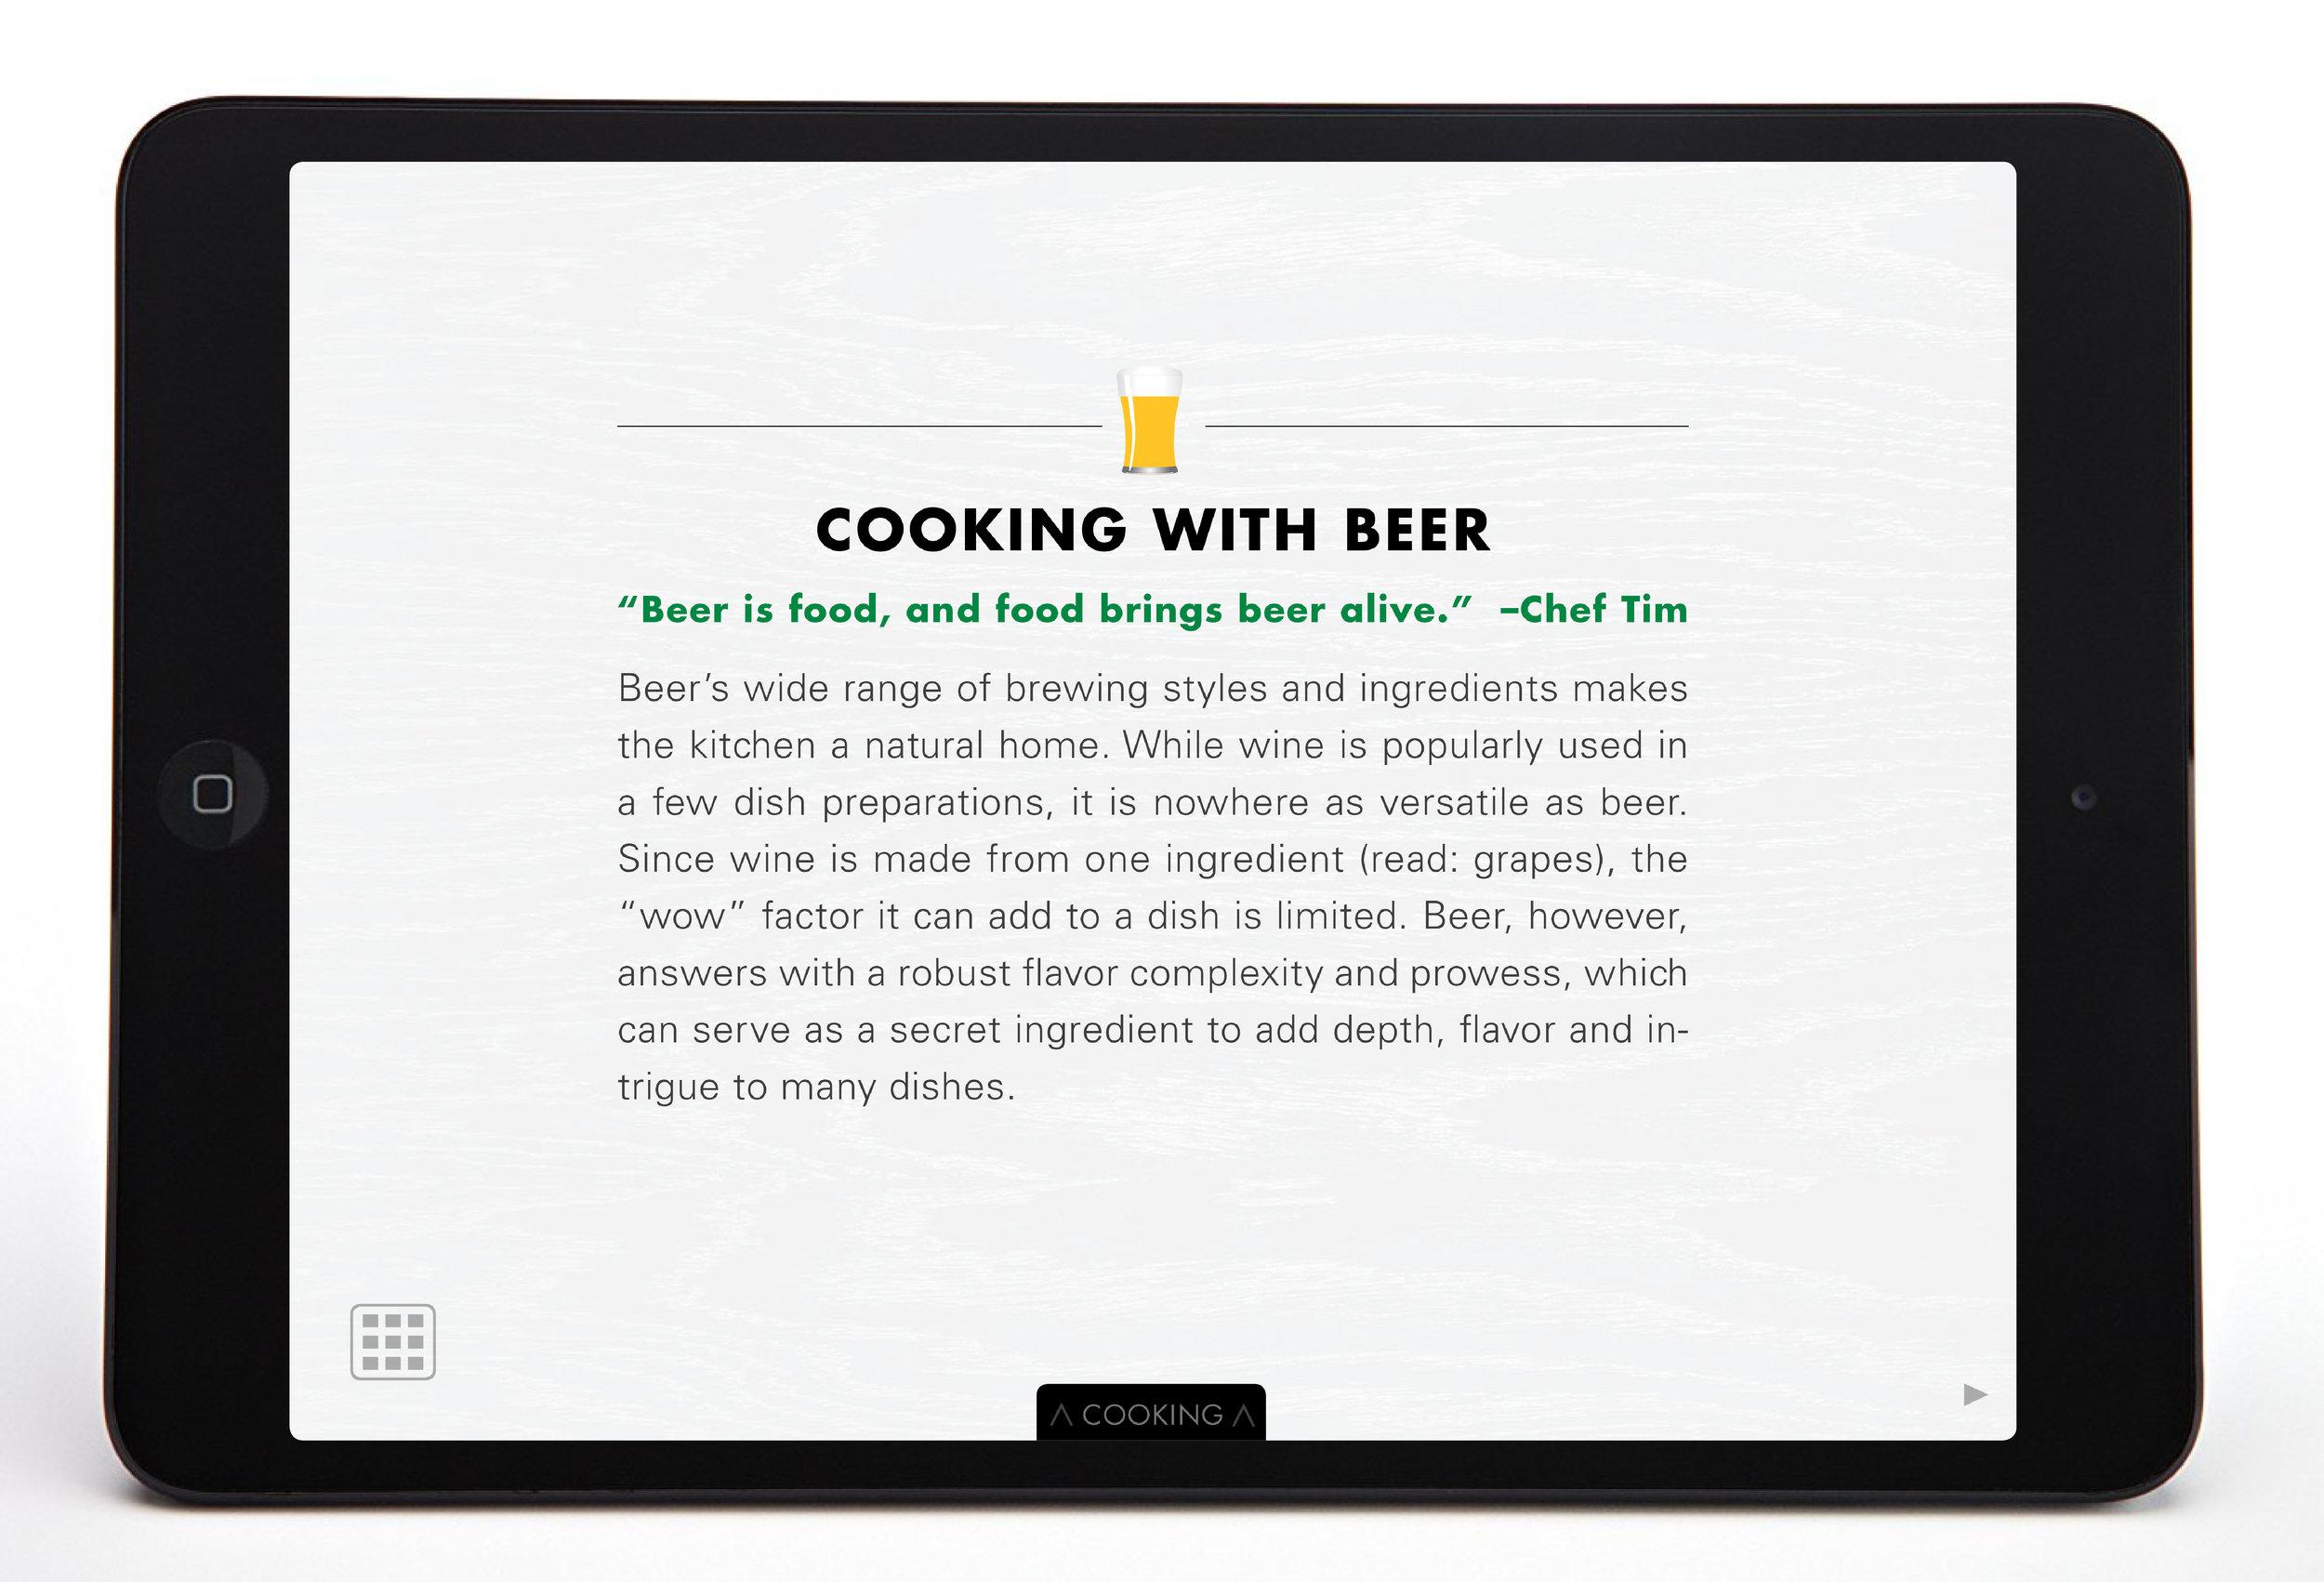 Heineken-food&beer pairing-interactive book51.jpg